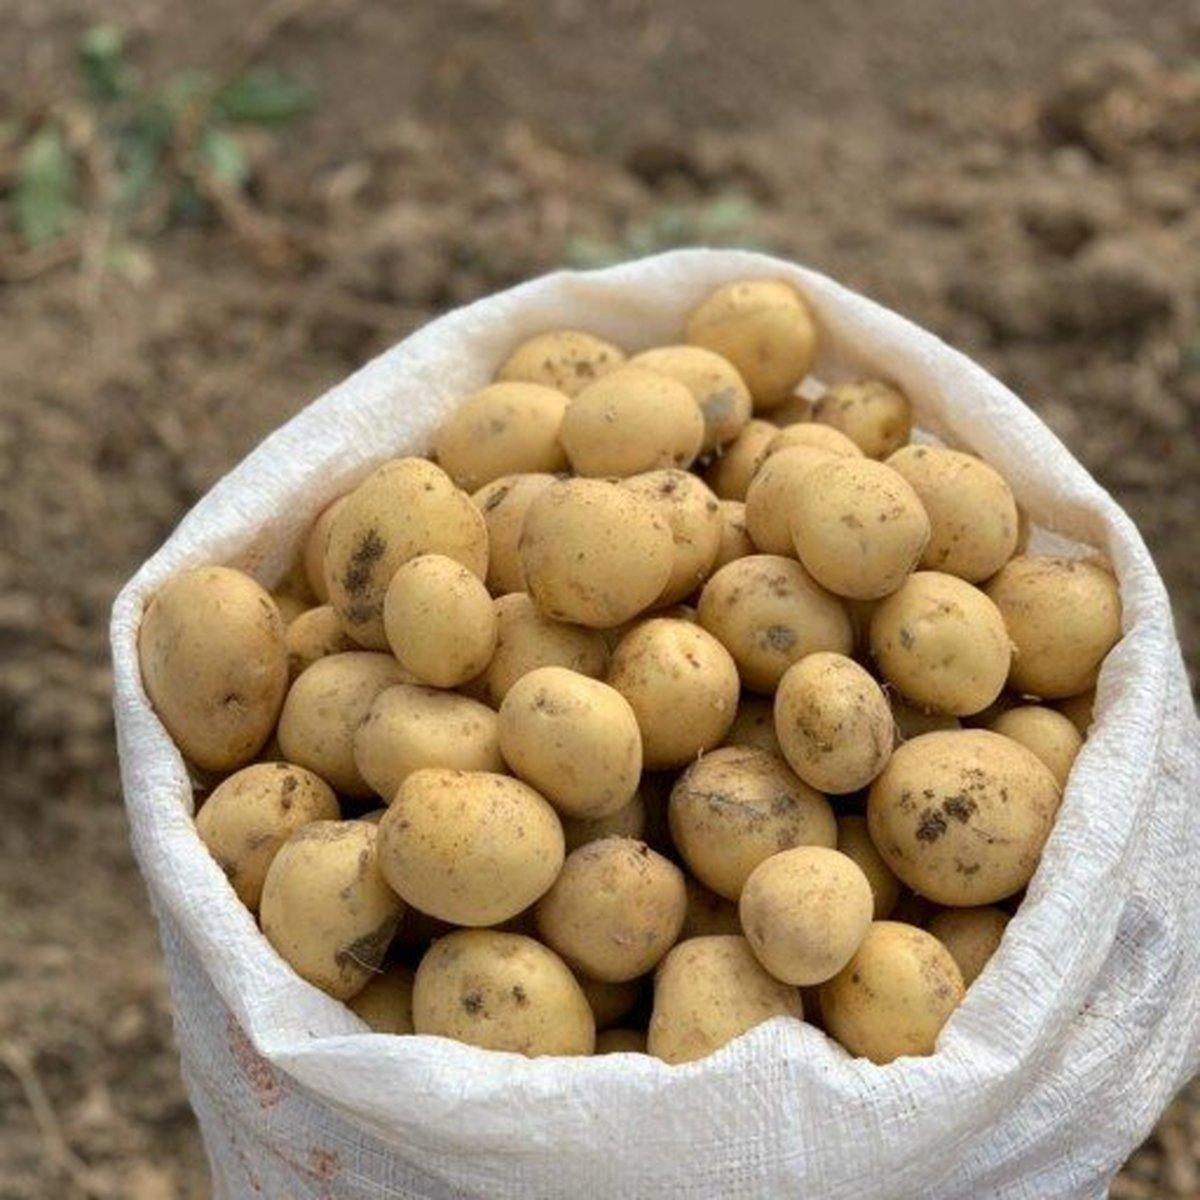 کشف داروی قاچاق در گونی سیبزمینی